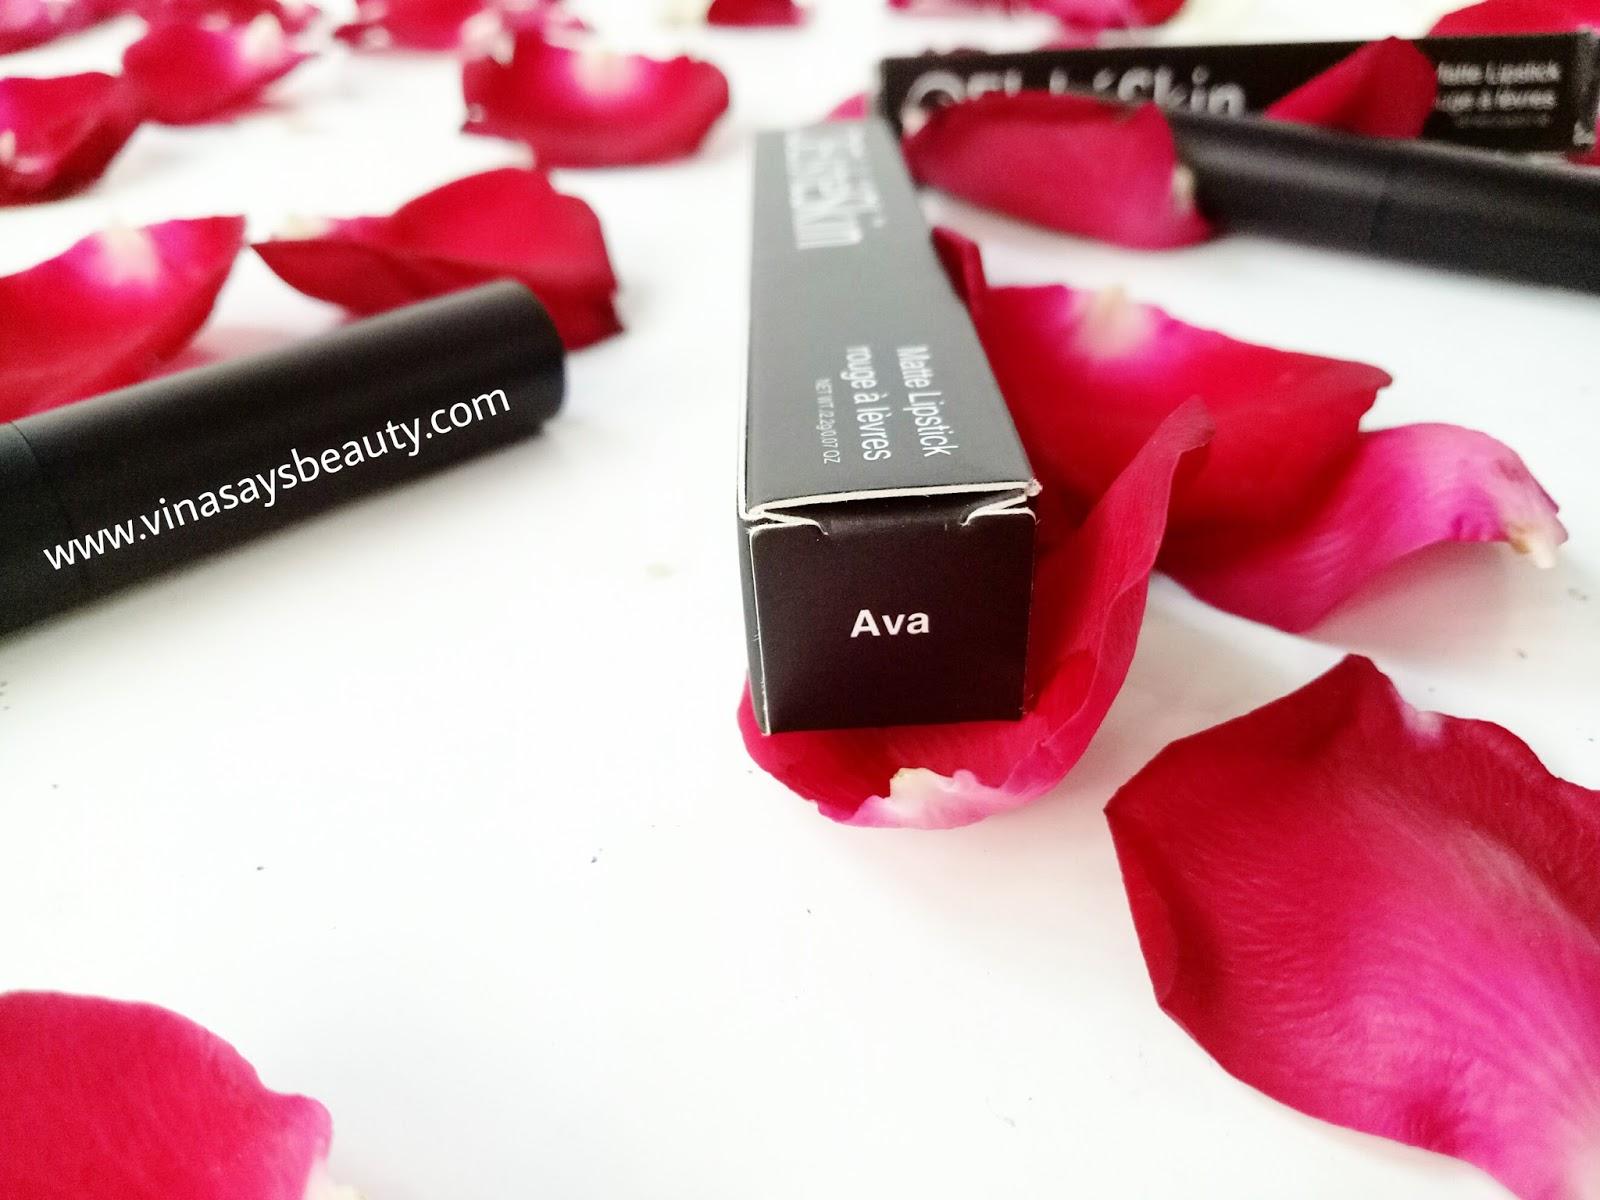 Sp Review Elsheskin Matte Lipstick Vina Says Beauty Rossana